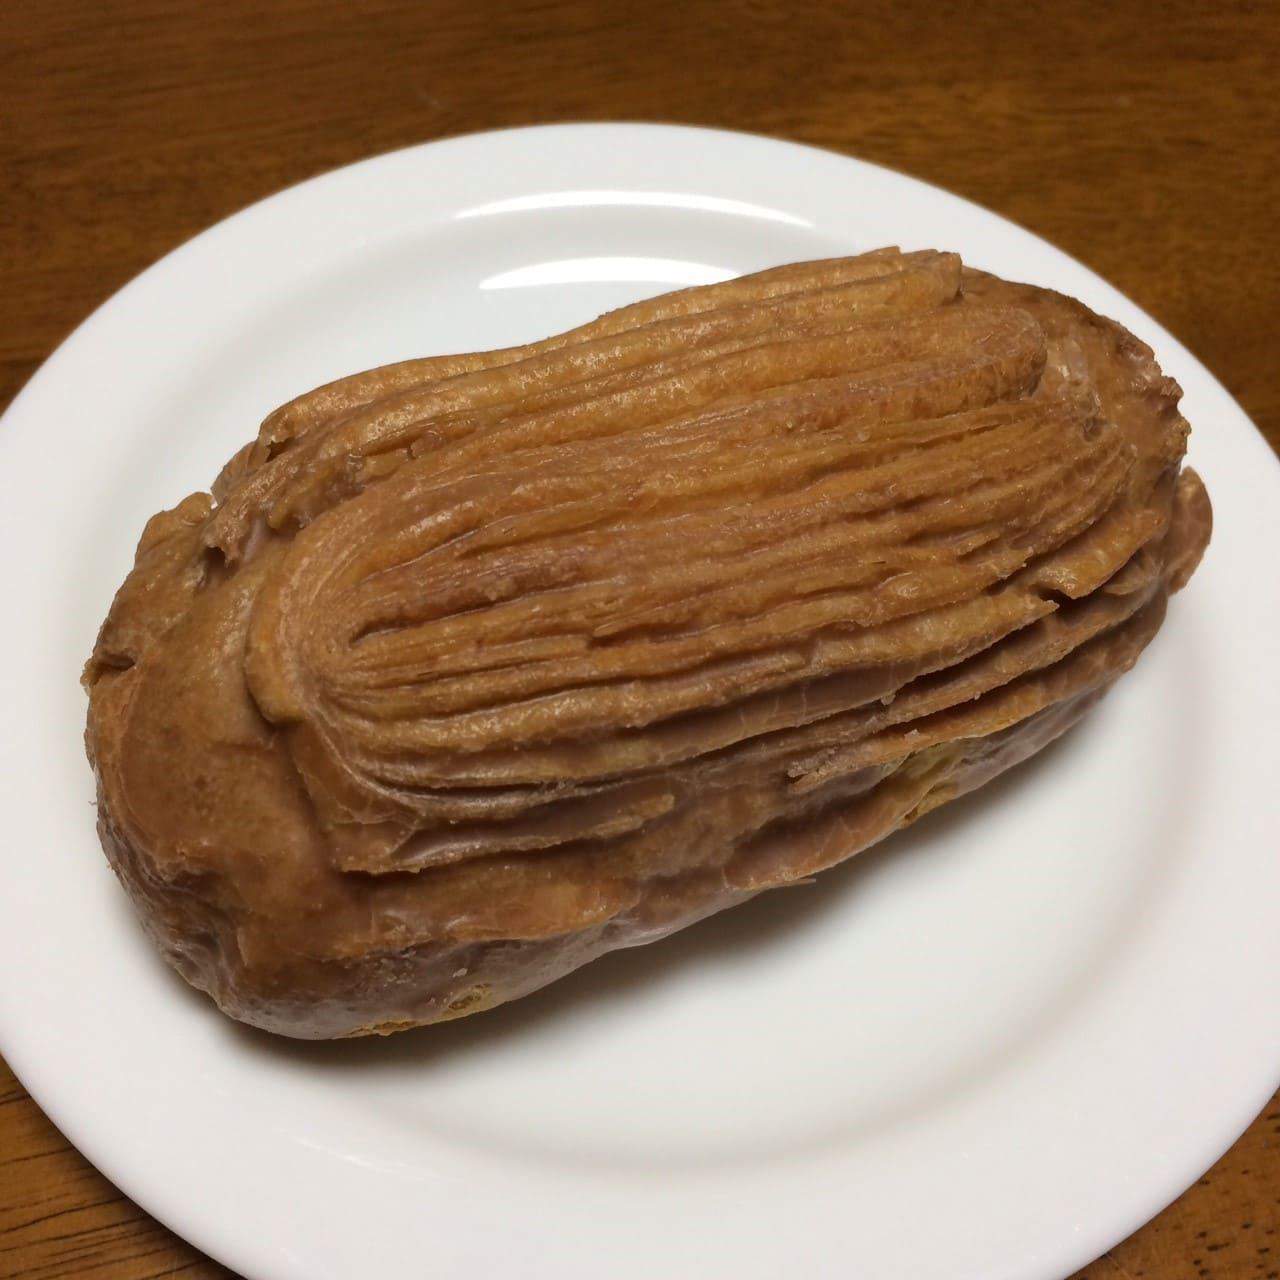 パイエクレア(バニラミルククリーム)